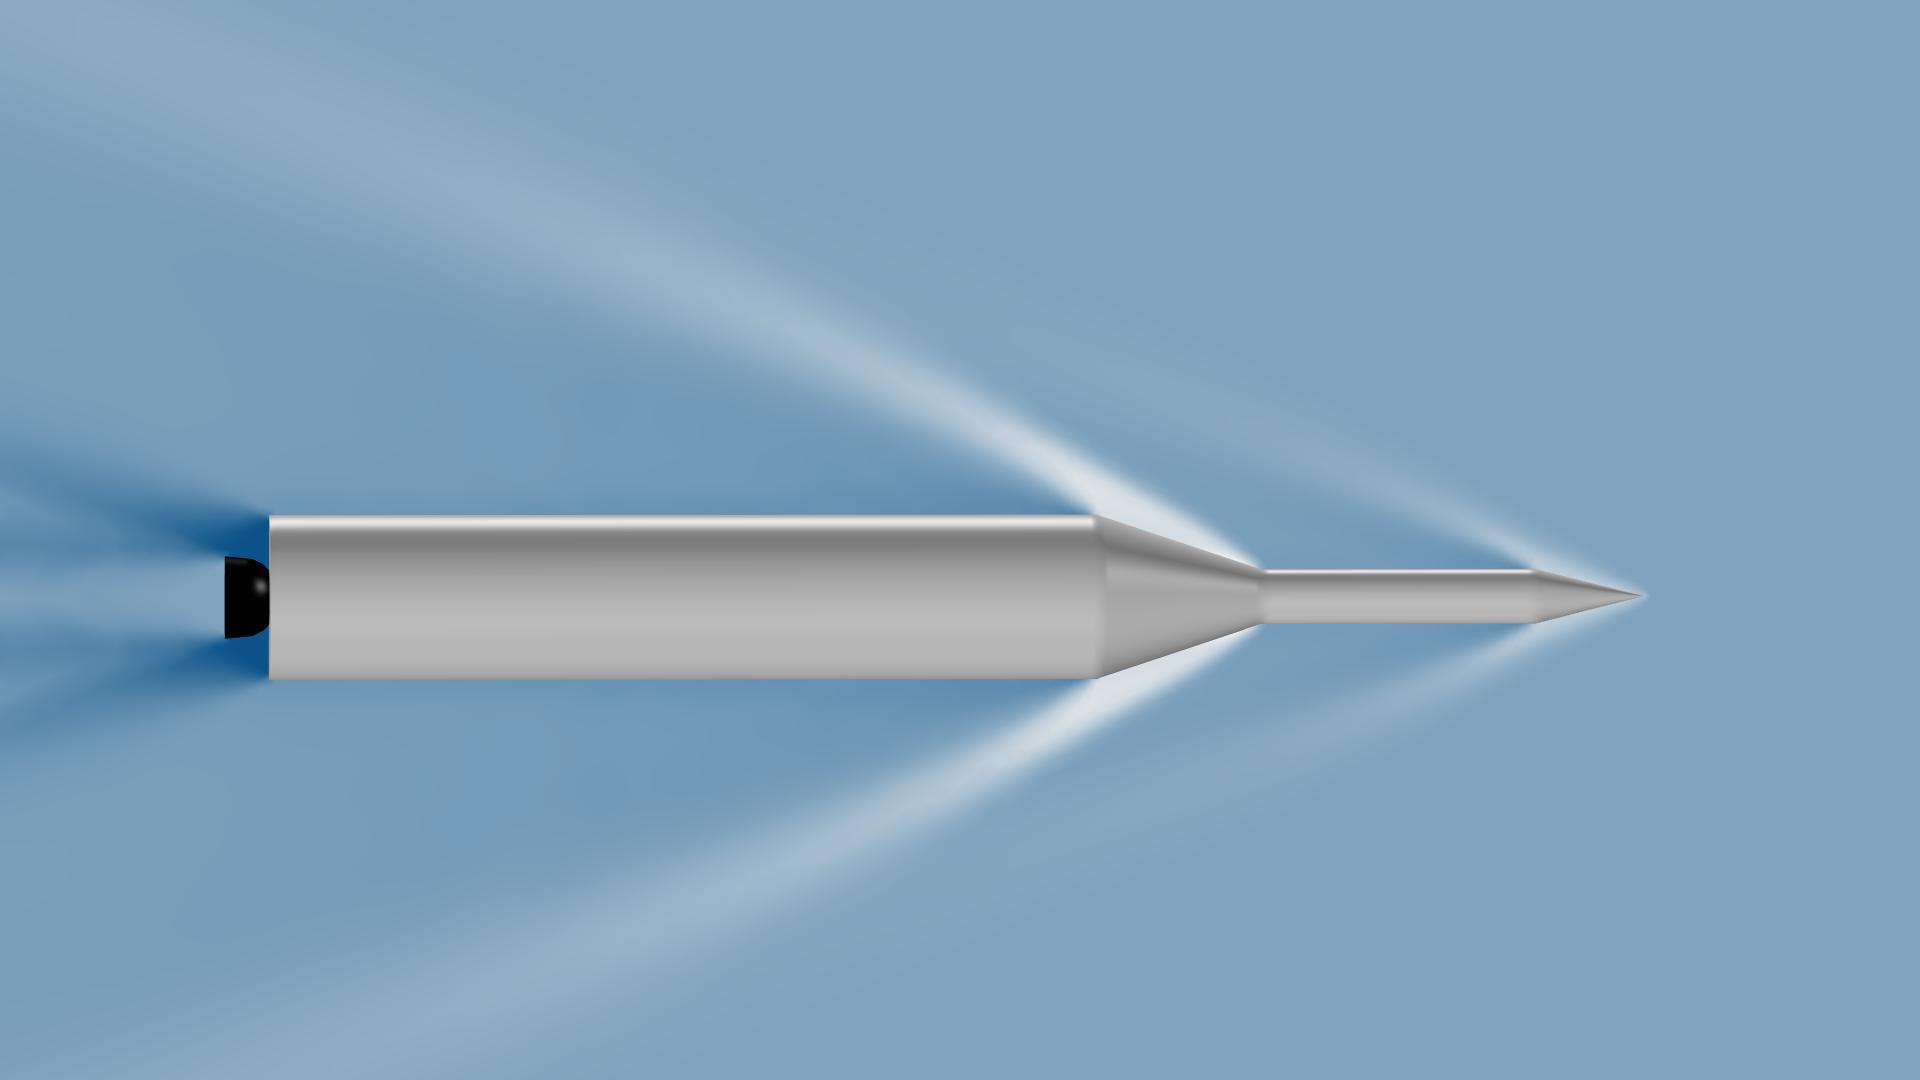 Eulerovy rovnice pro stlačitelné proudění jsou od verze COMSOL Multiphysics 5.5formulovány Galerkinovou nespojitou metodou DG FEM. Jedná se oprvní implementaci DG FEM vmodelech proudění. Jedná se opředzvěst velkých vylepšení CFD Module?.